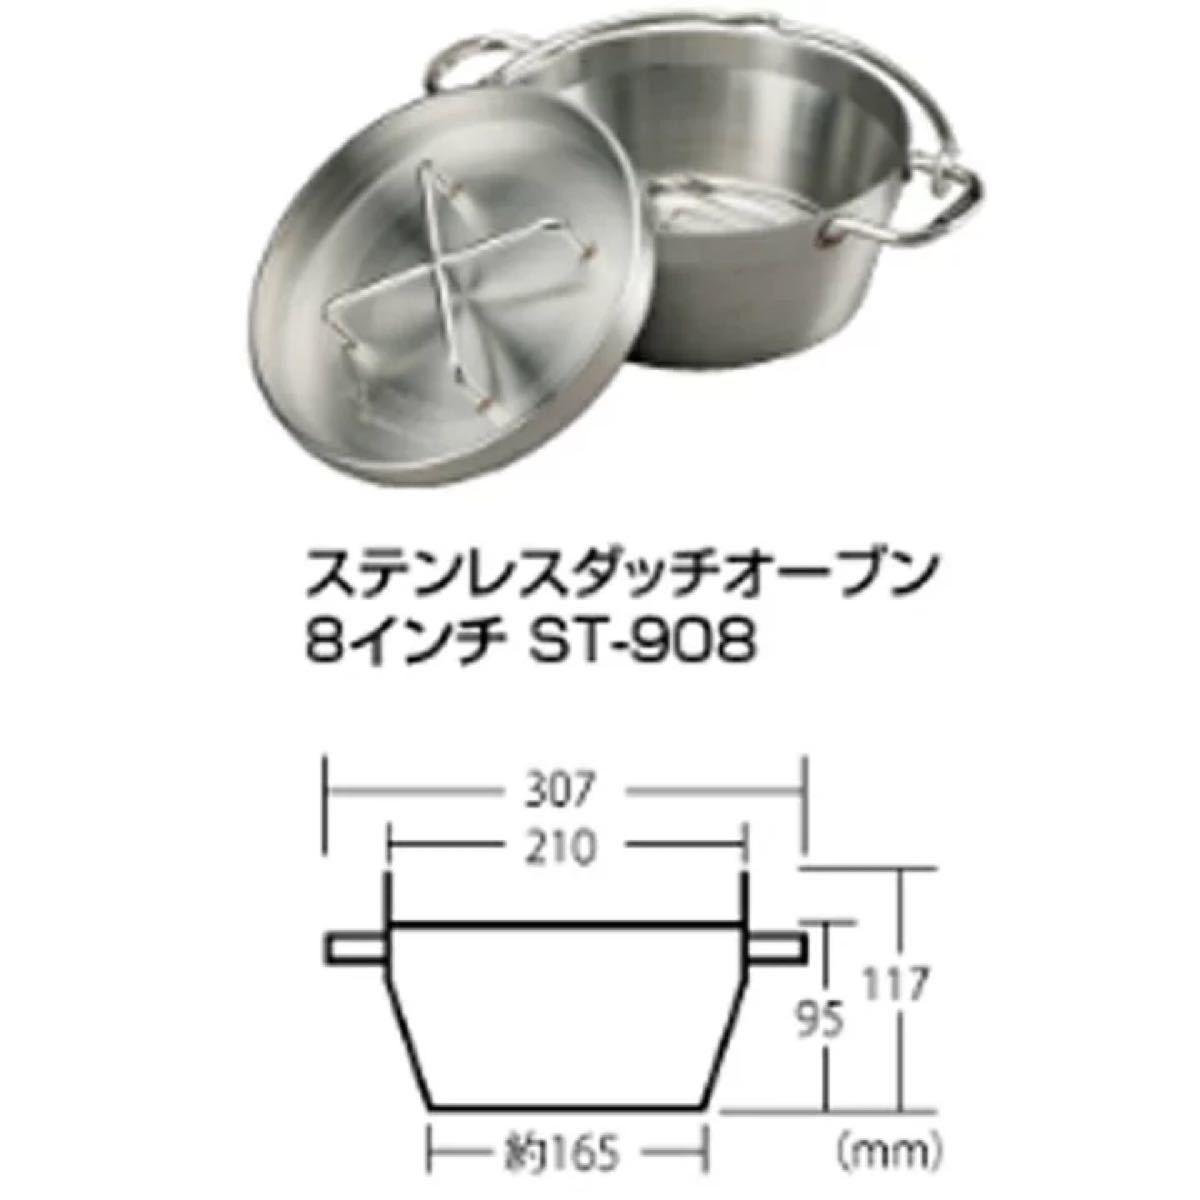 SOTO ステンレスダッチオーブン8インチ ST-908 ★新品送料無料★